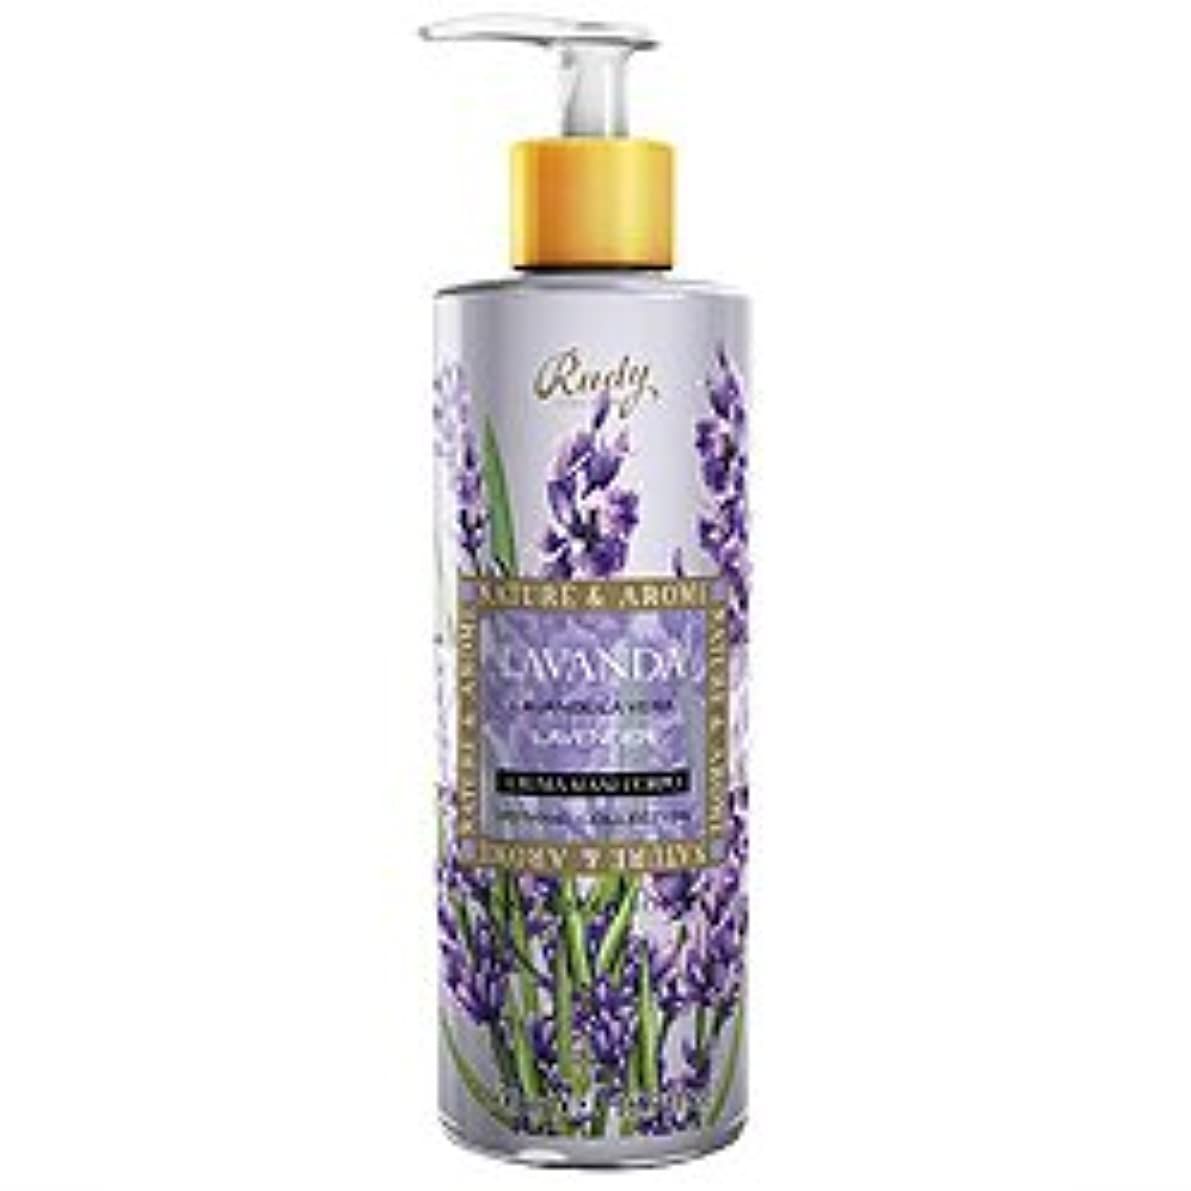 ベアリング放つ小さいルディ(Rudy) ナチュール&アロマ ハンド&ボディローション ラベンダー 500ml 【並行輸入品】 RUDY Nature&Arome SERIES Hand&Body lotion Lavender